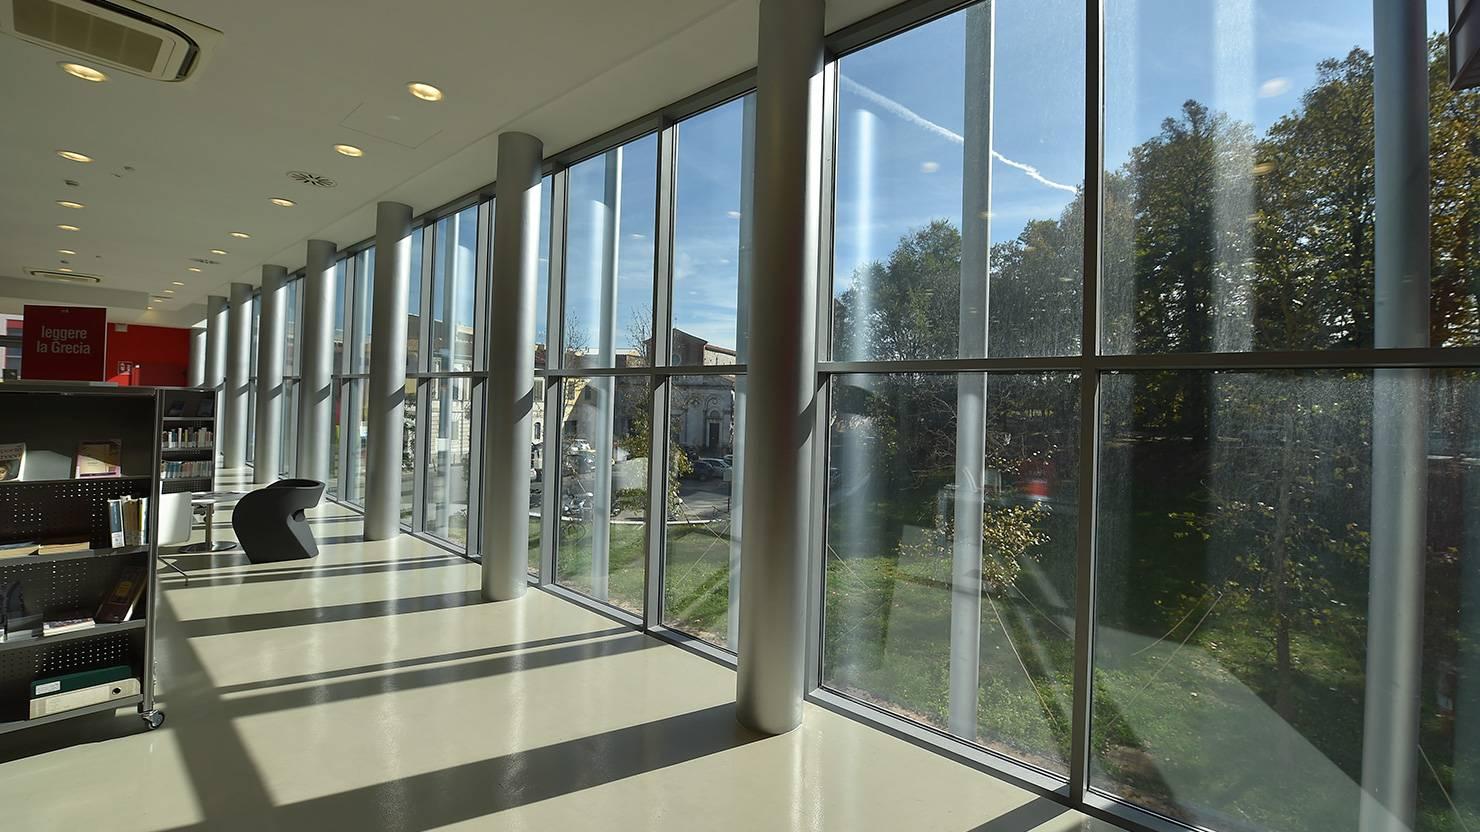 4F1-facciata-acciaio-zincato-mario-pasqualetti-e-fabio-daole-5_project_big